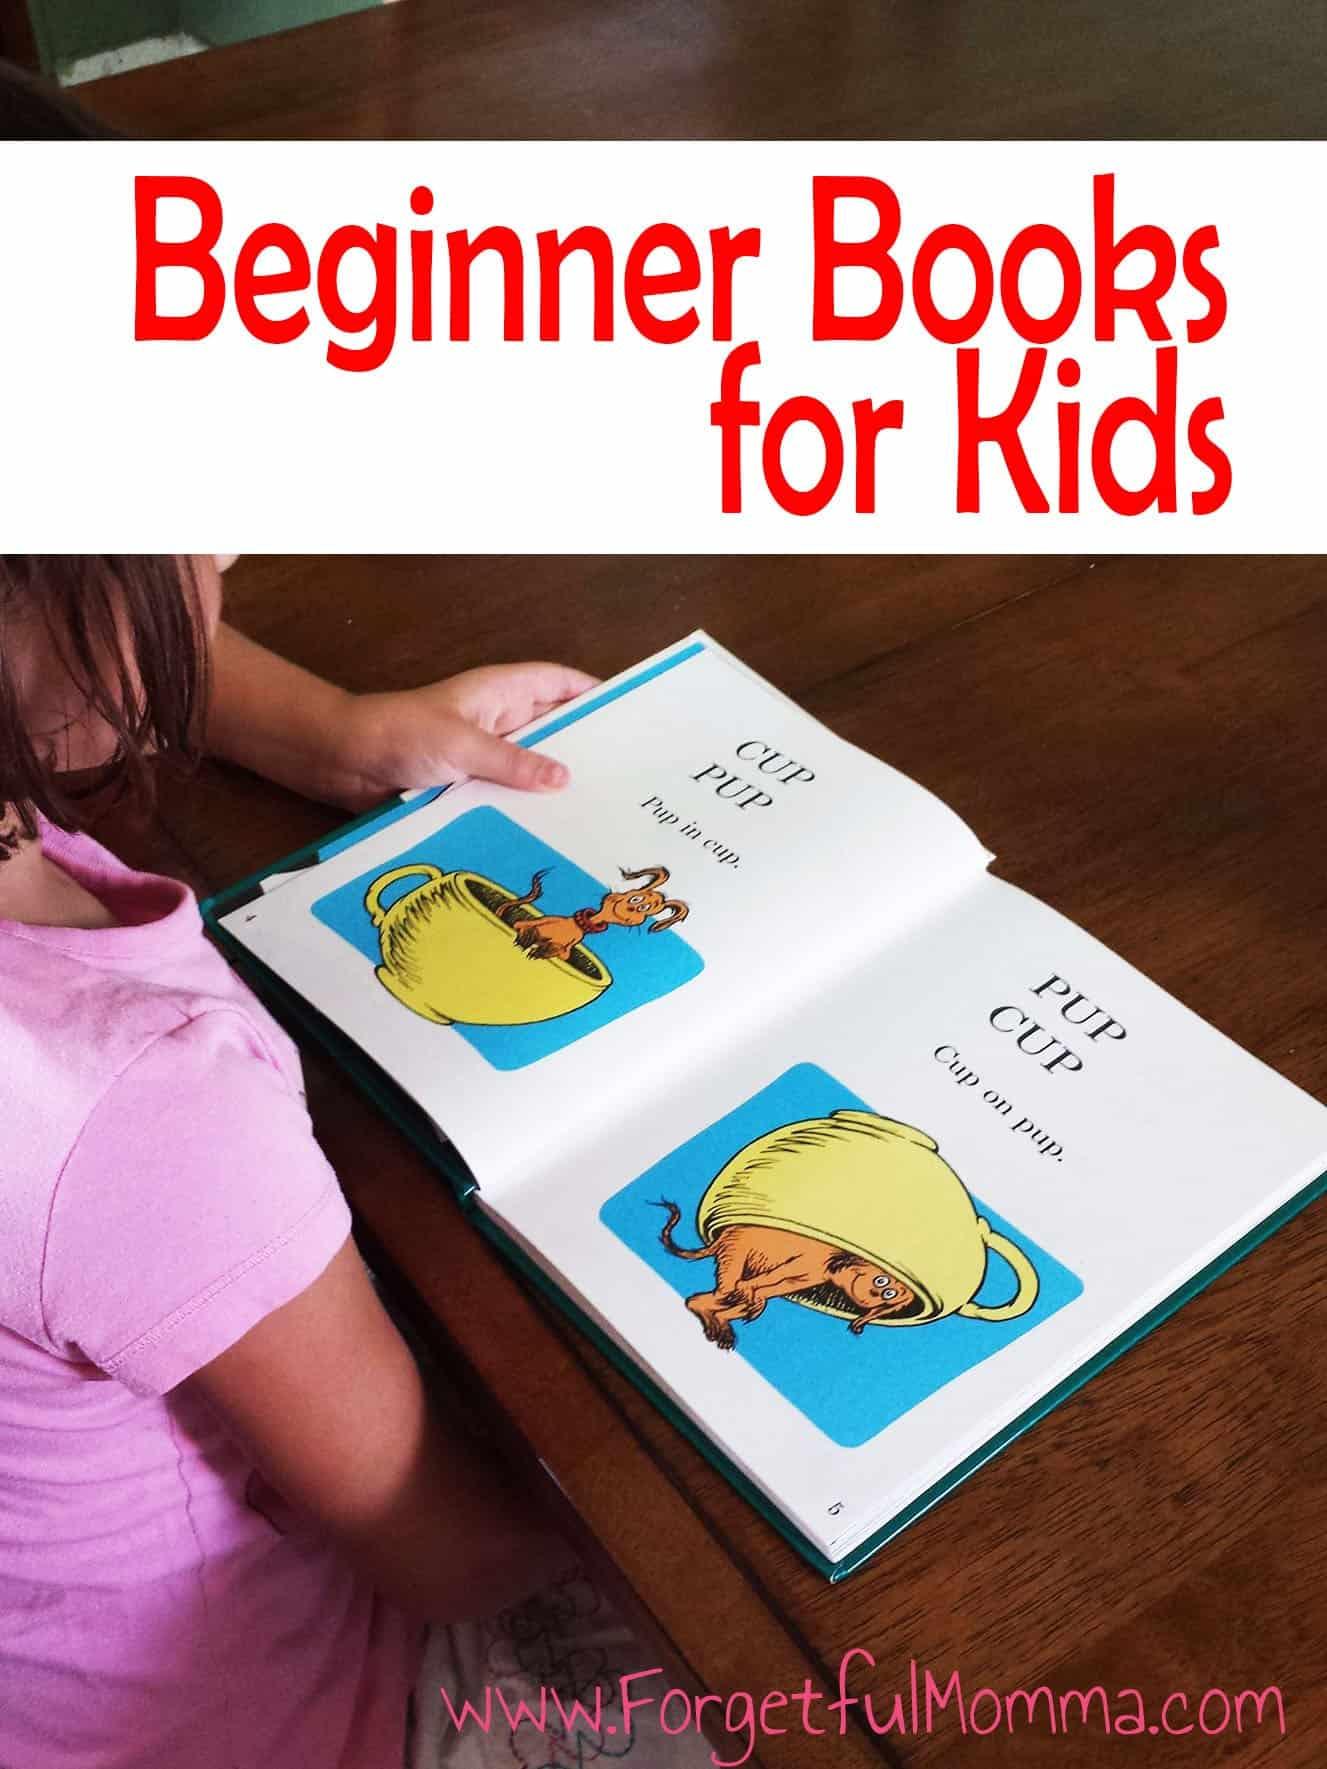 Beginner Books for Kids